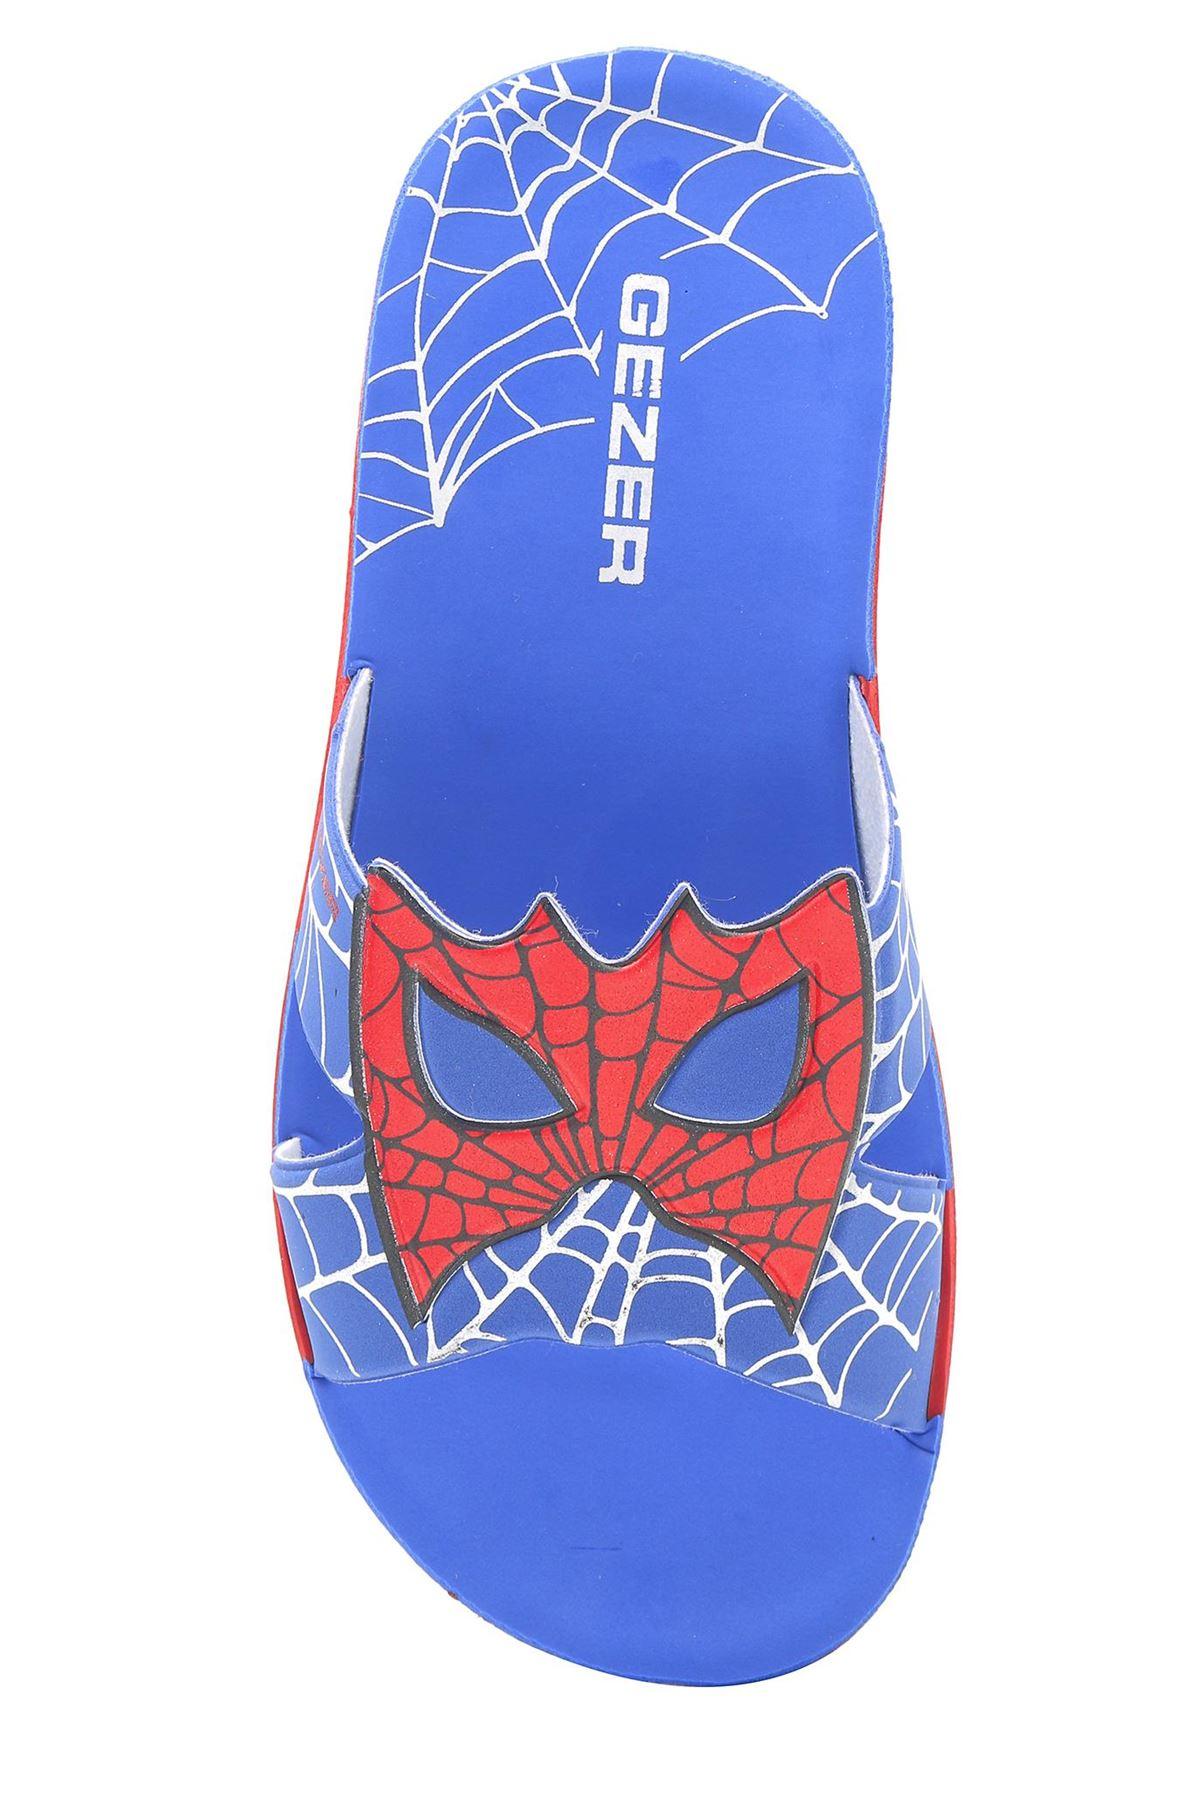 Gezer Spider Erkek Çocuk Terlik